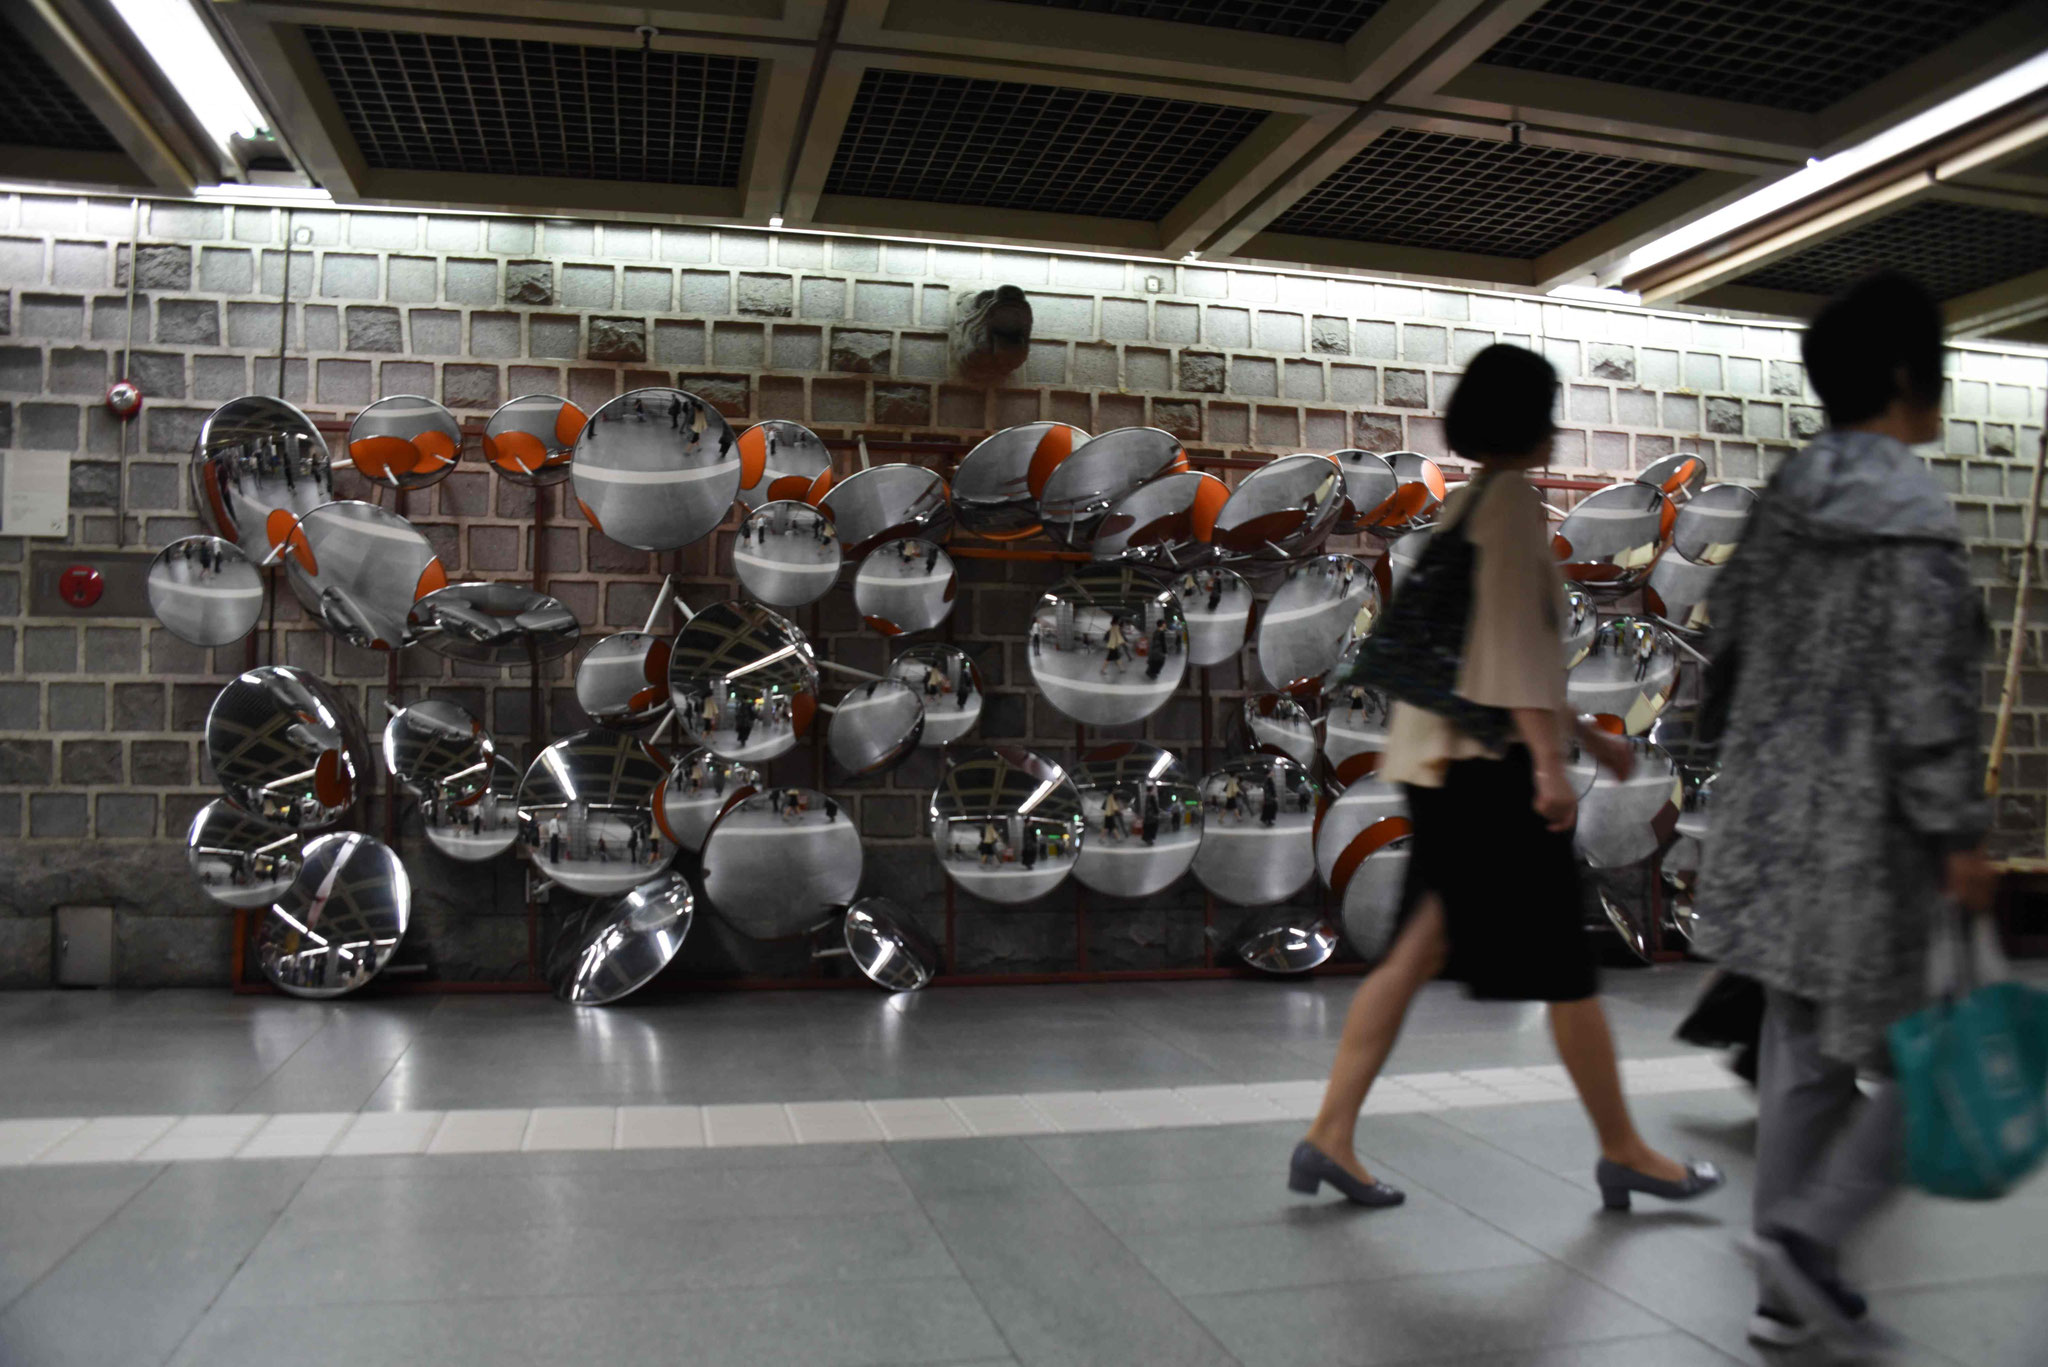 U-Bahn-Haltestelle beim Gyeongbokung-Palast